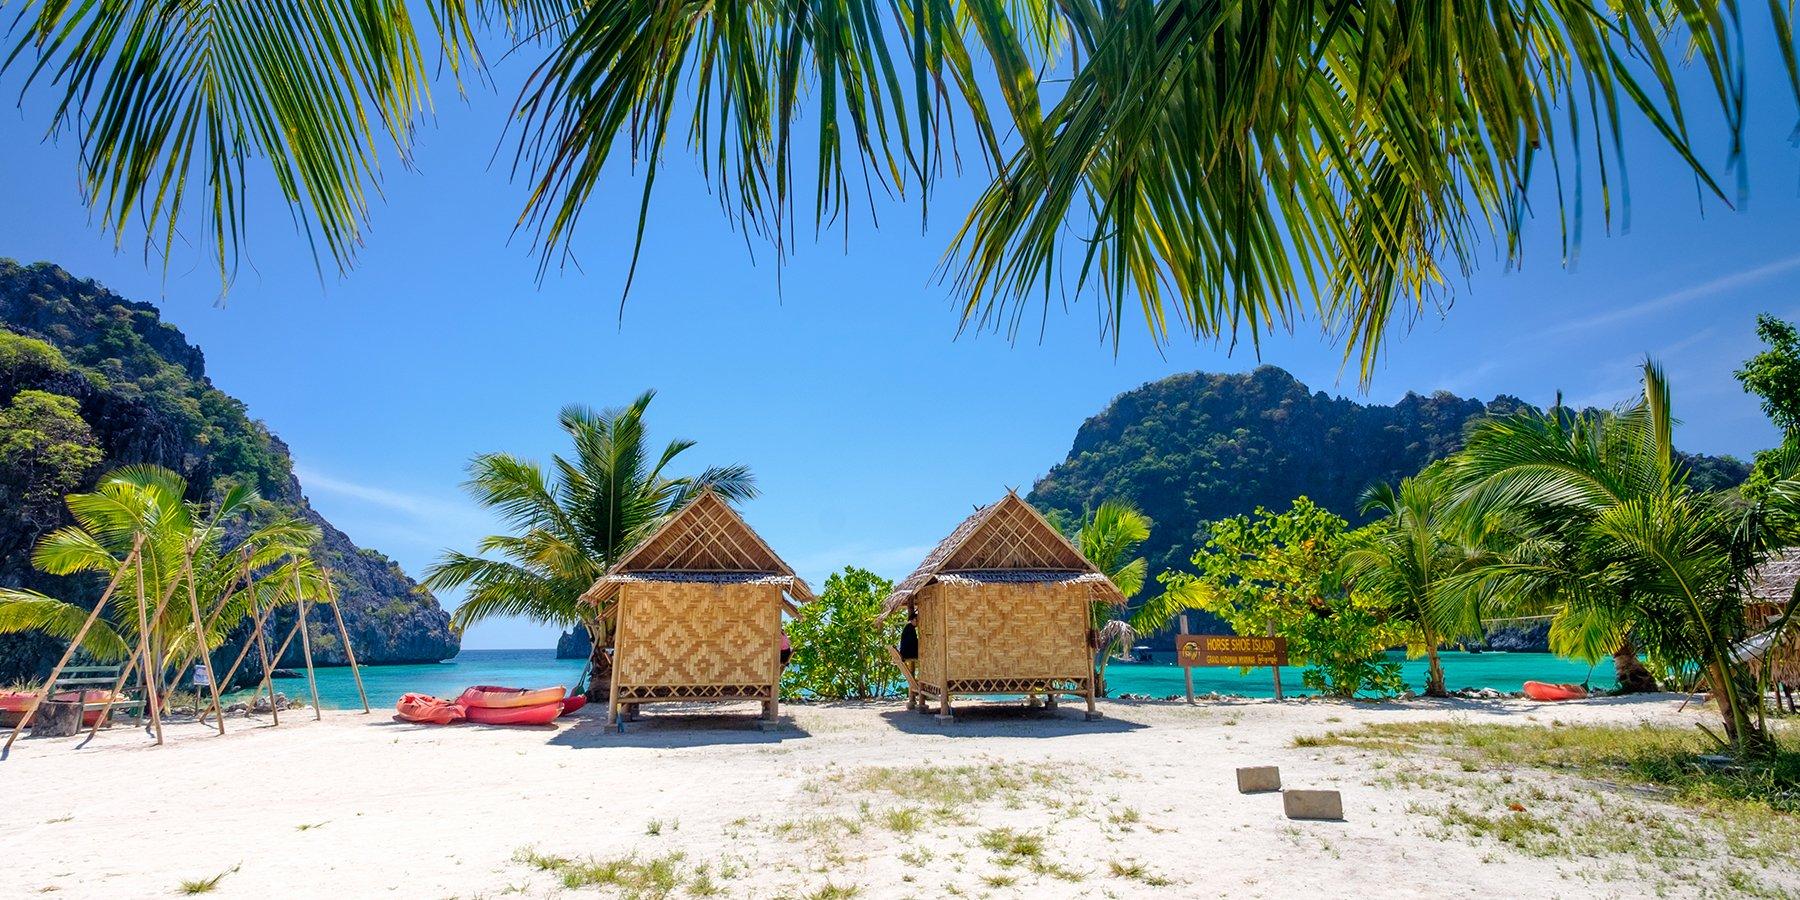 La sensazione di vacanza su un'isola tropicale